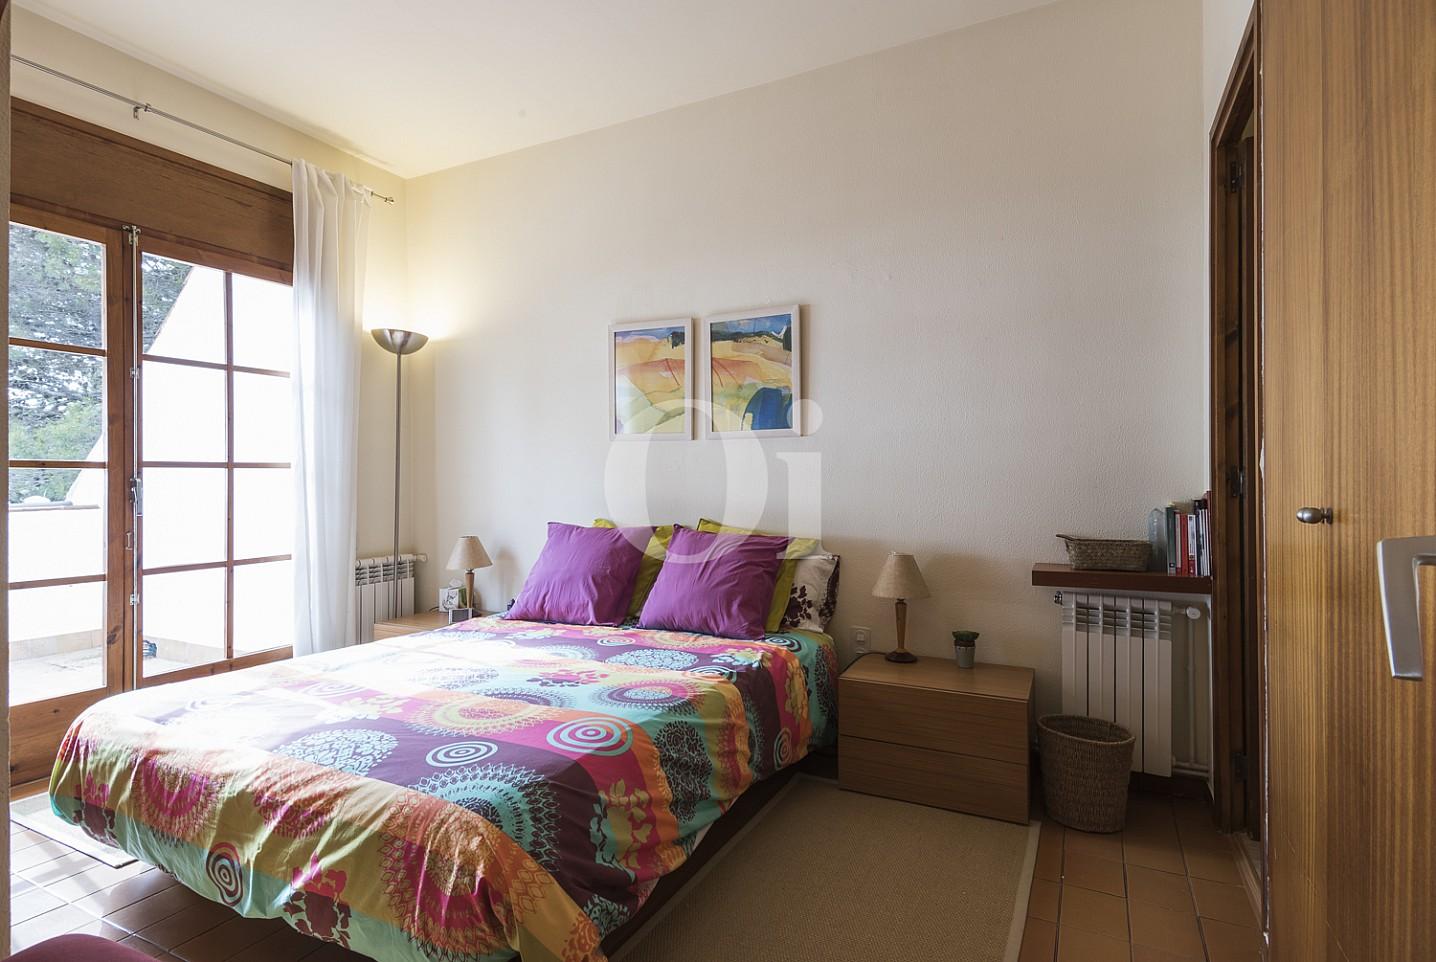 Dormitorio amplio y luminoso